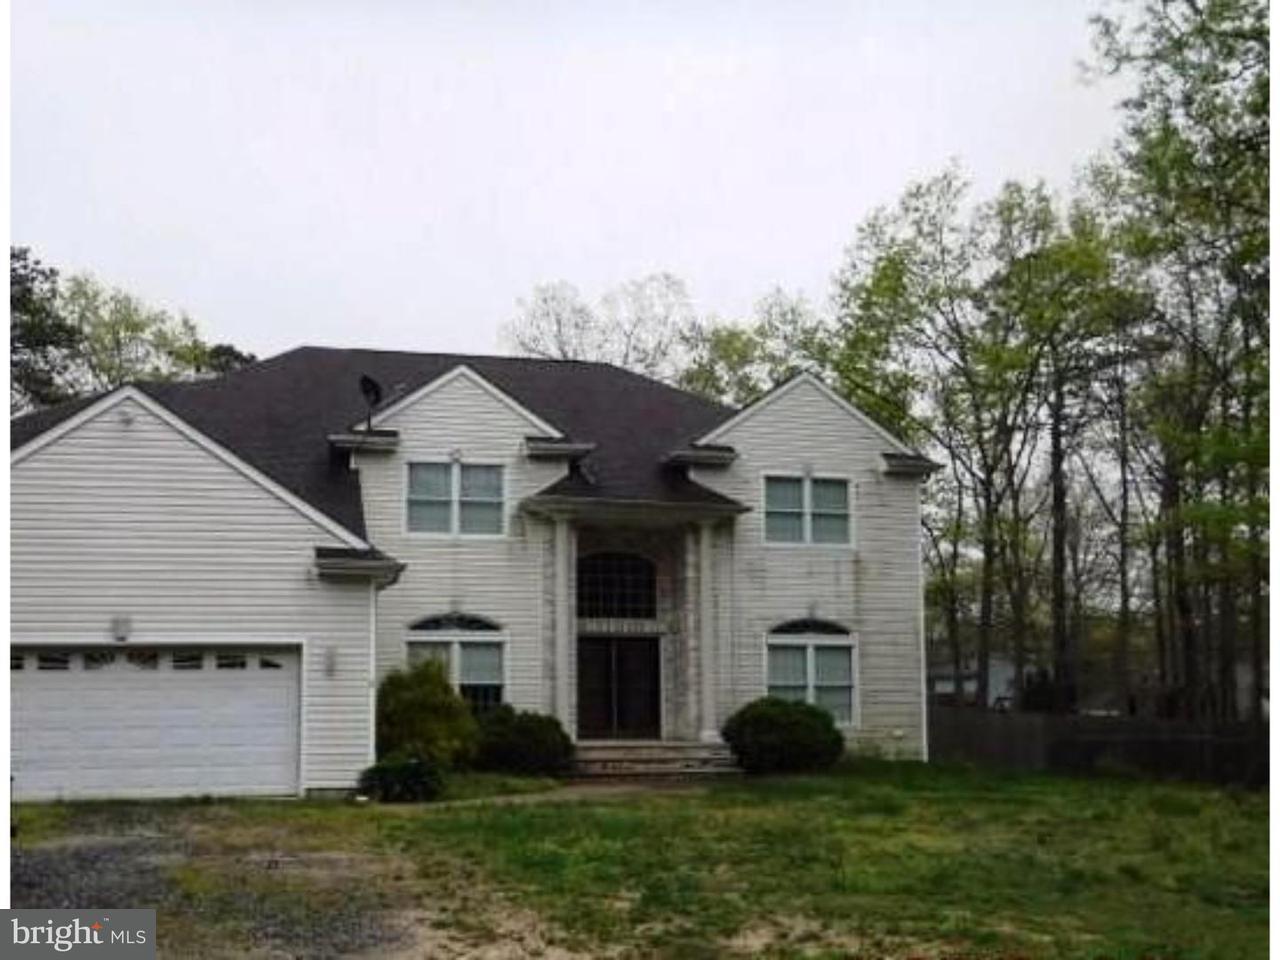 Частный односемейный дом для того Продажа на 6 7TH Street Barnegat, Нью-Джерси 08005 Соединенные Штаты